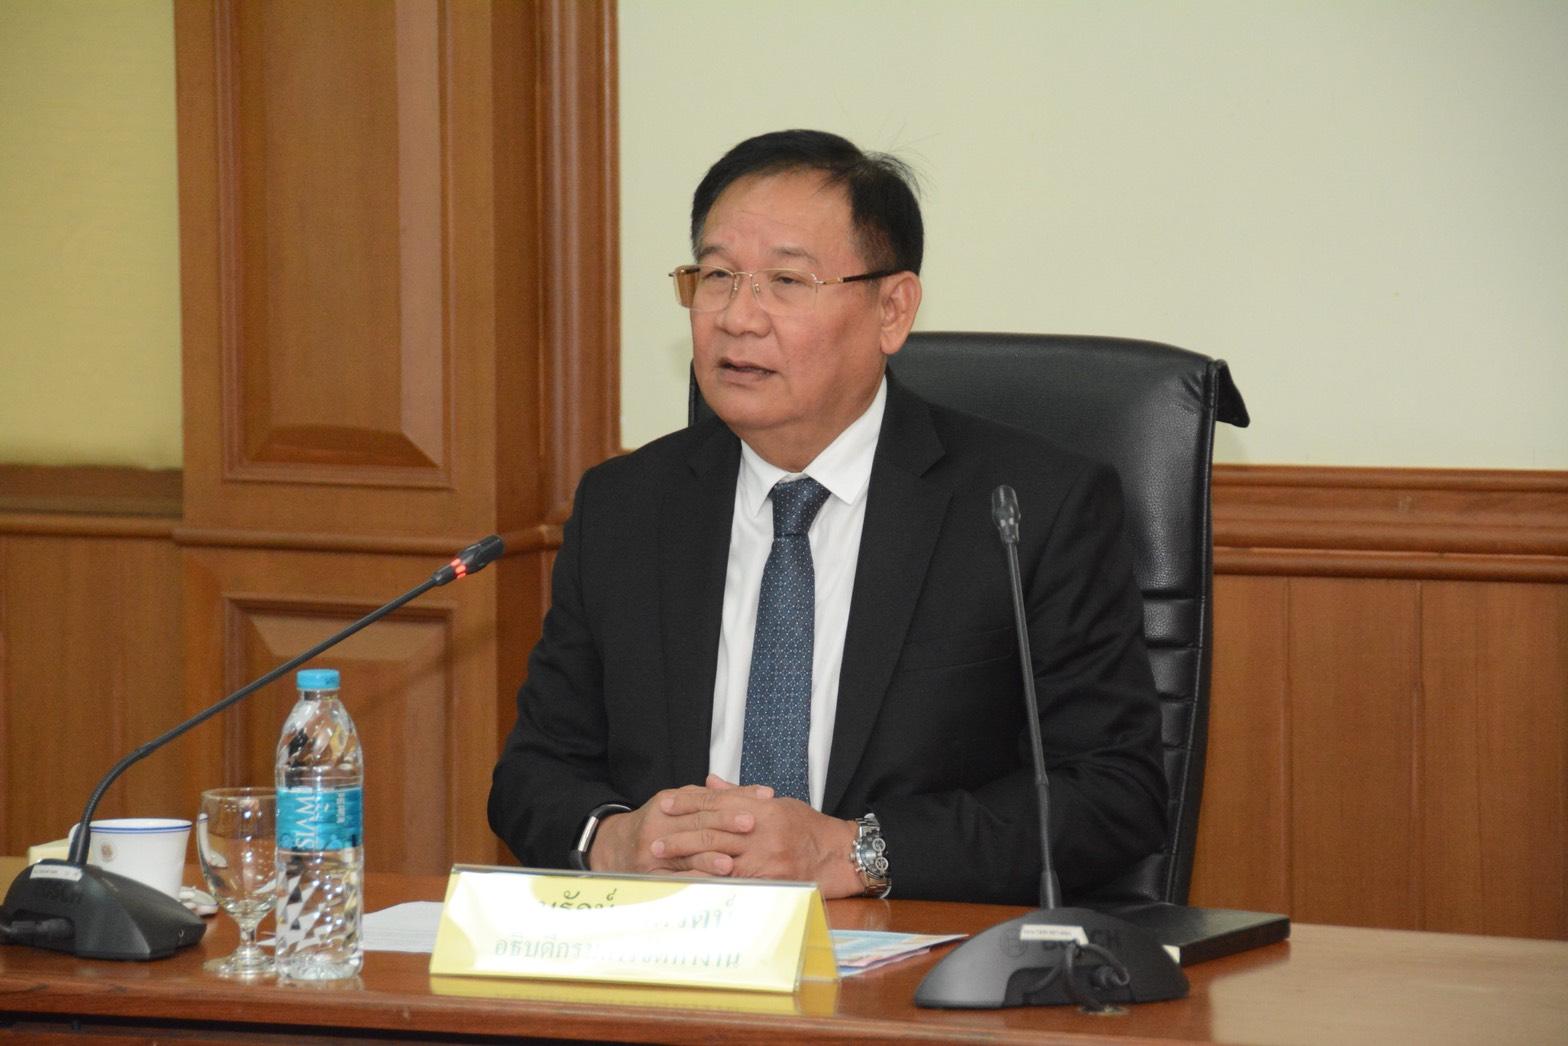 อธิบดีอนุรักษ์ มอบนโยบายกรมการจัดหางาน เน้นส่งเสริมการมีงานทำให้คนไทย พร้อมดูแลแรงงานนอกระบบฯ